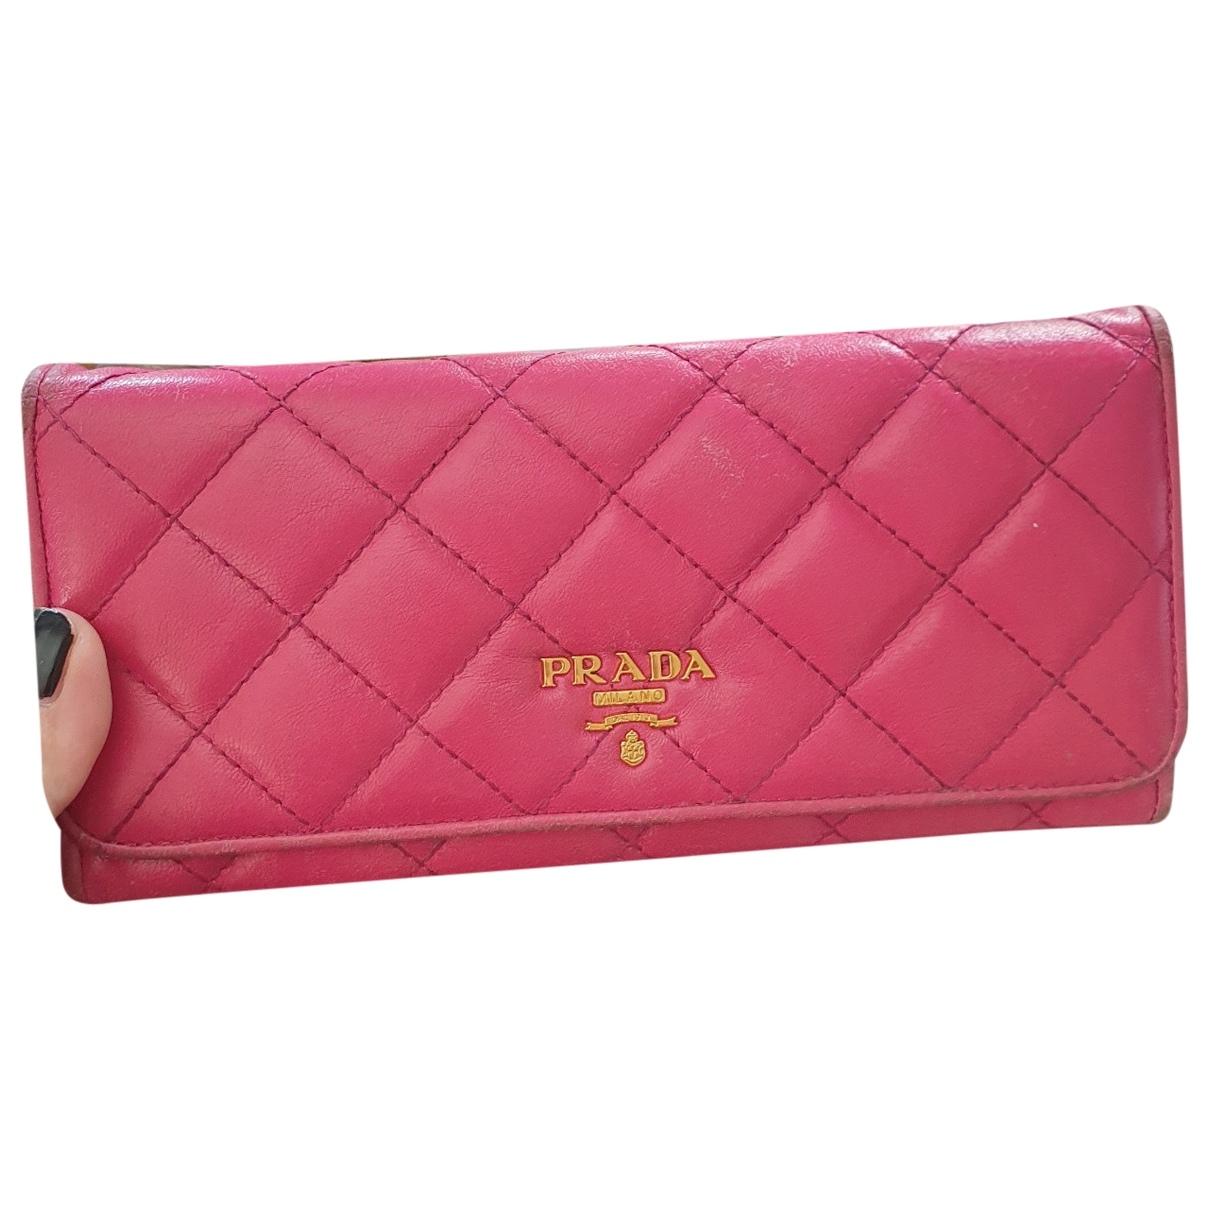 Prada \N Leather wallet for Women \N